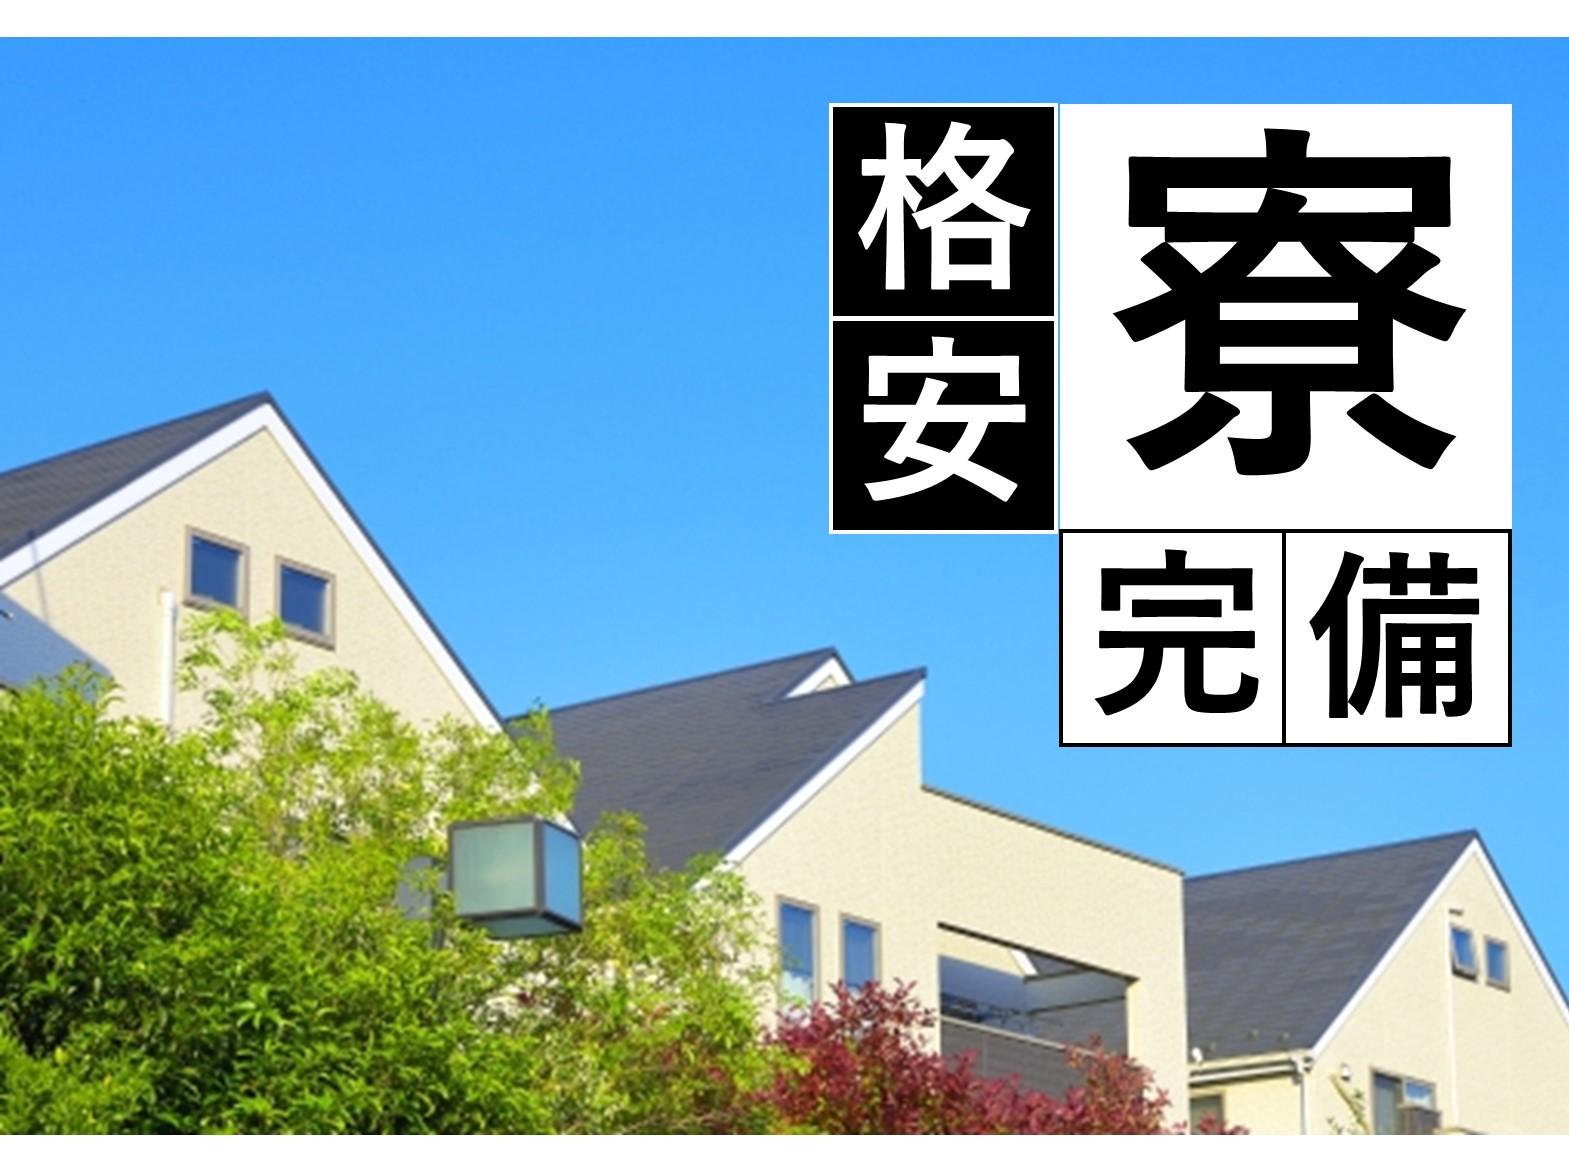 伊万里・佐賀求人ナビ/2019年9月19日最新情報